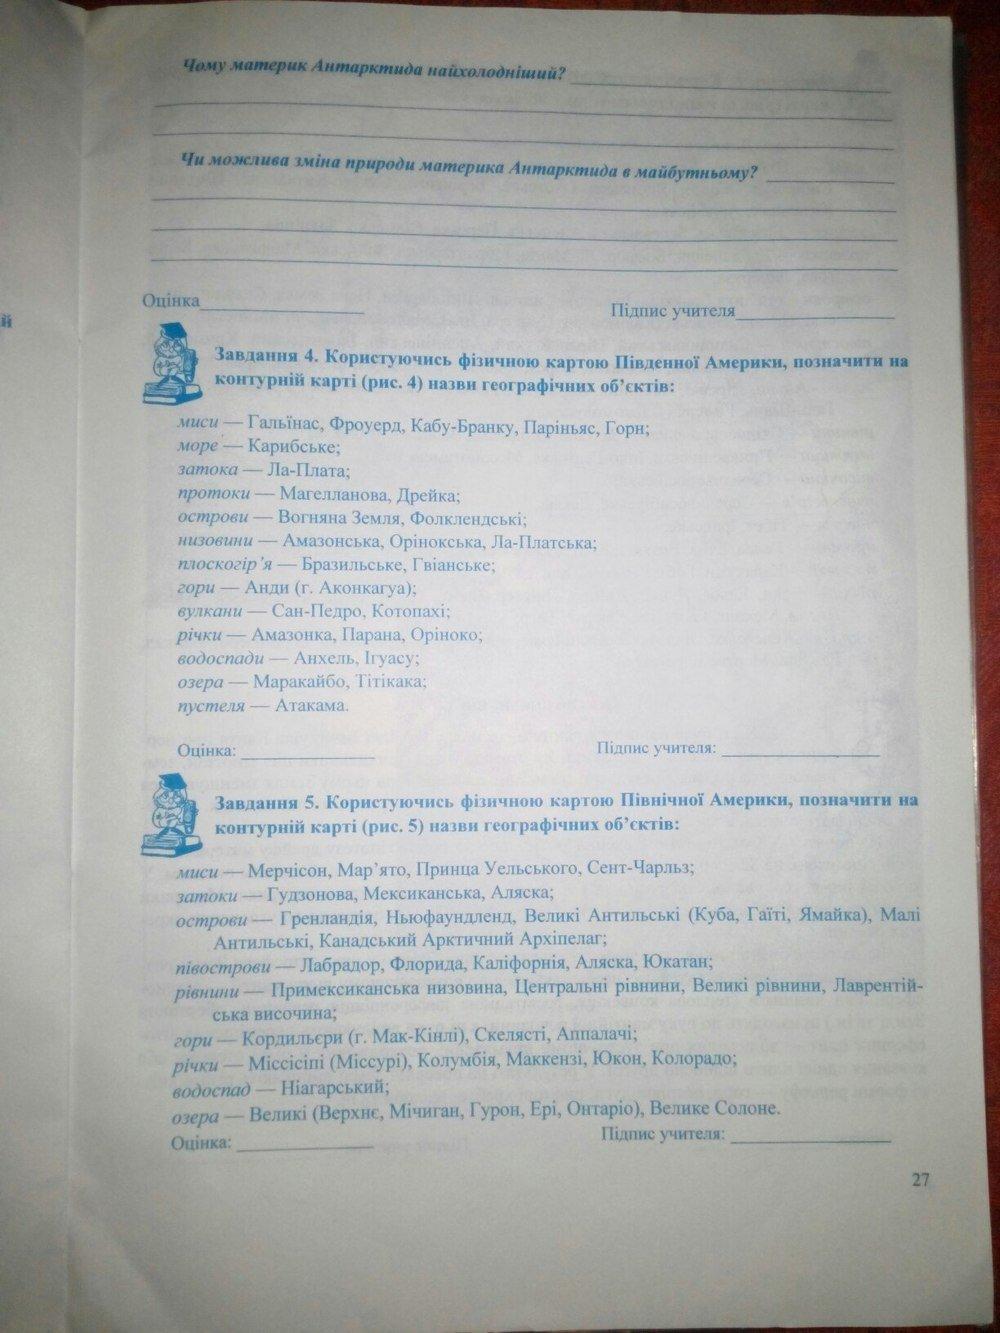 ГДЗ відповіді робочий зошит по географии 7 класс Варакута О., Швець Є.. Задание: стр. 27